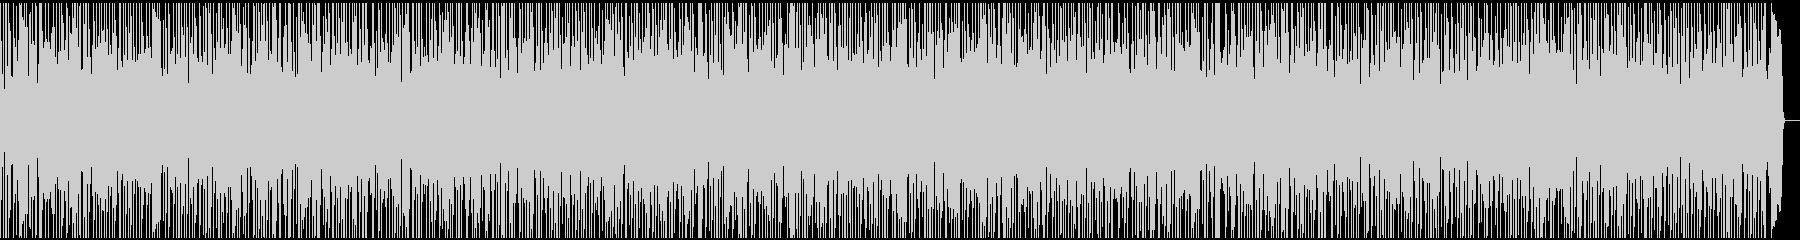 爽やかでキラキラ感のあるバラードBGMの未再生の波形